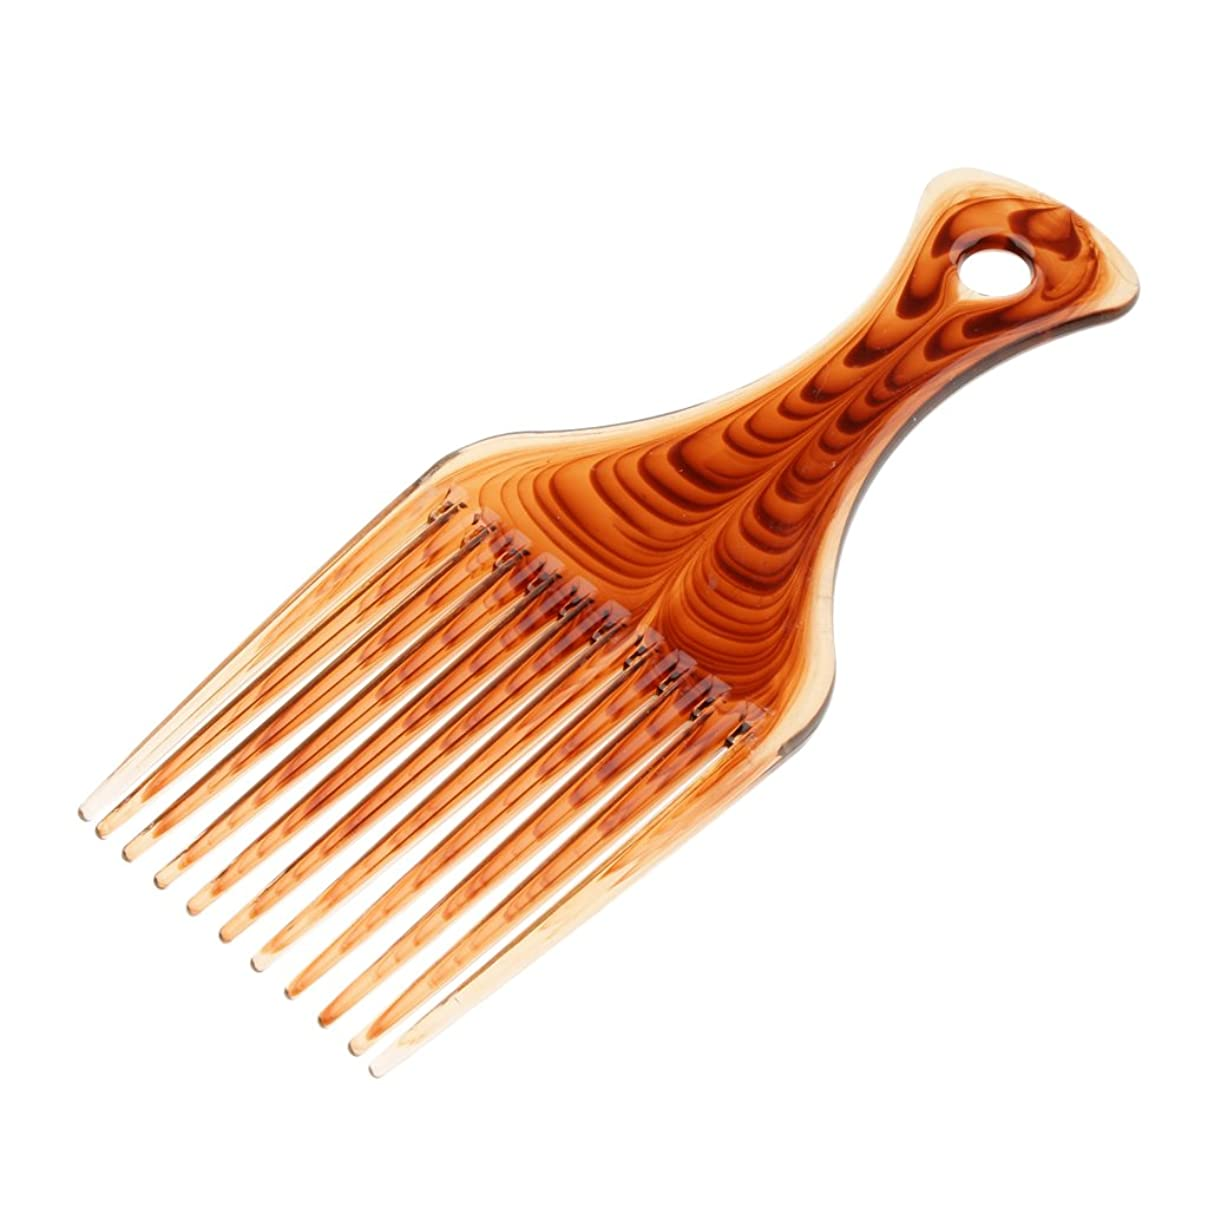 屈辱する情熱カプセルKesoto ヘアコーム ヘアブラシ くし プラスチック製 アフロ 髪の櫛 かつらにも適用 スタイリング 持ち上げ ヘアブラシ